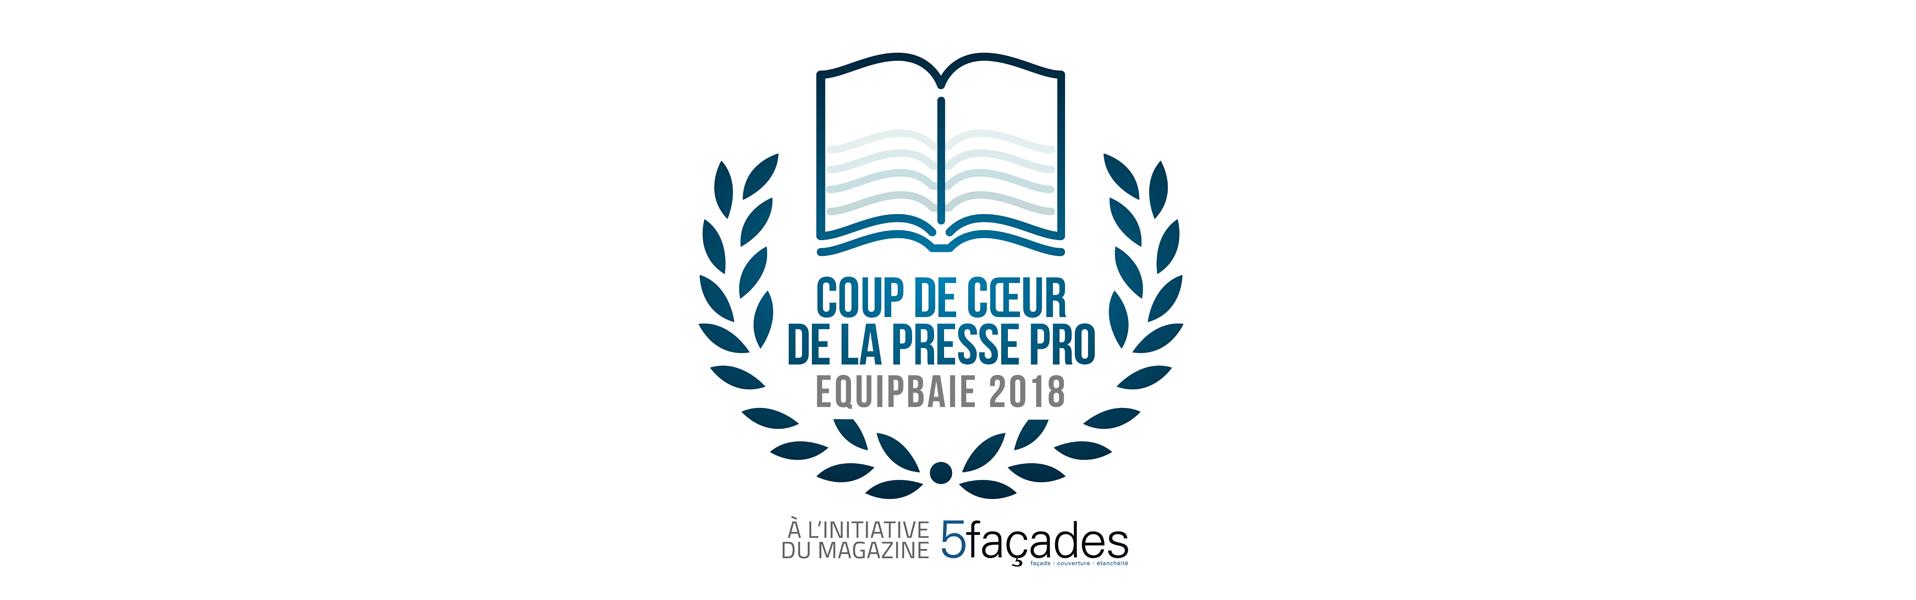 Equipbaie : les Coups de Coeur de la Presse Pro